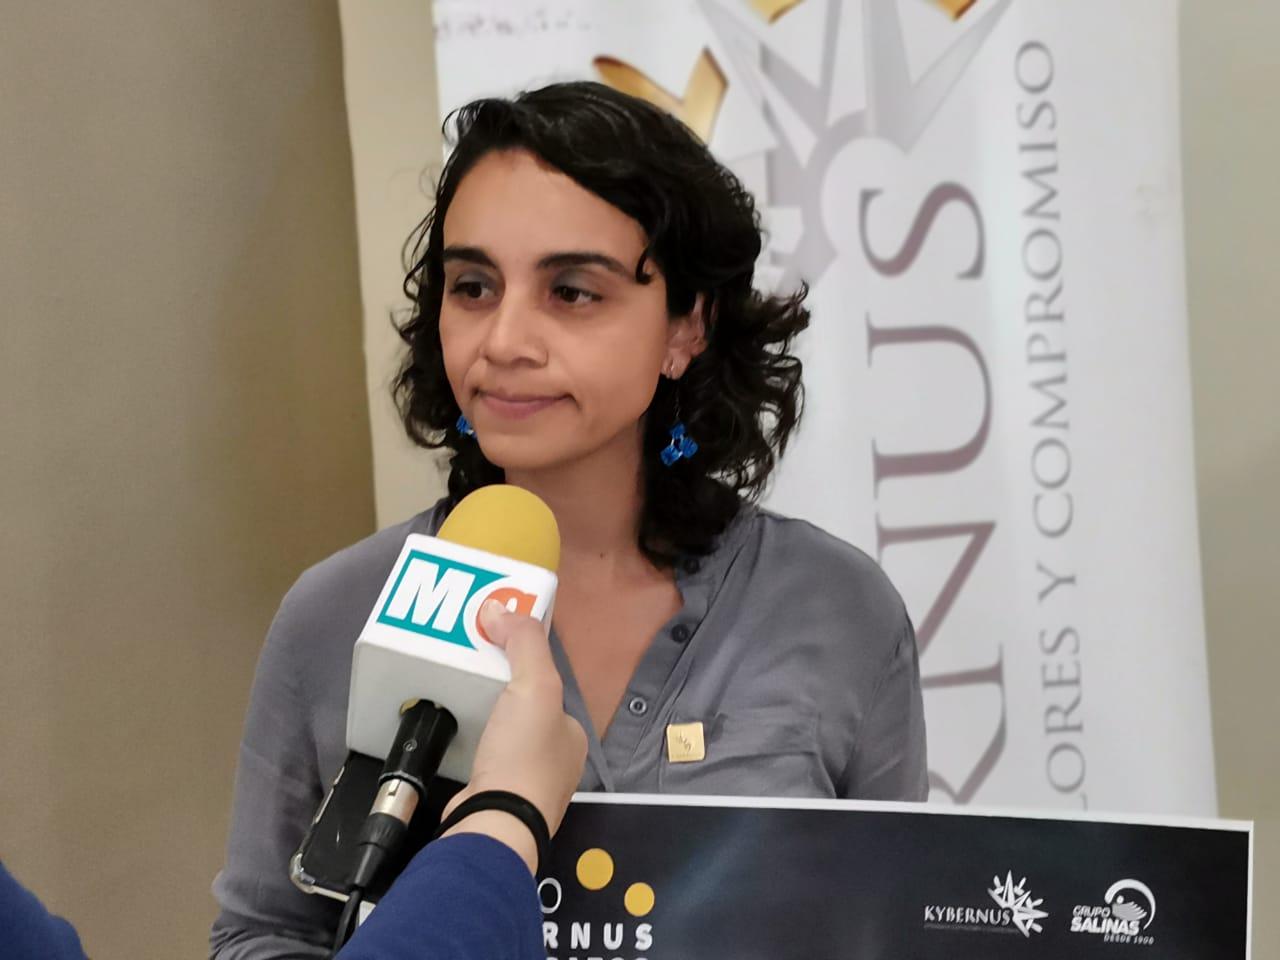 María Gascón